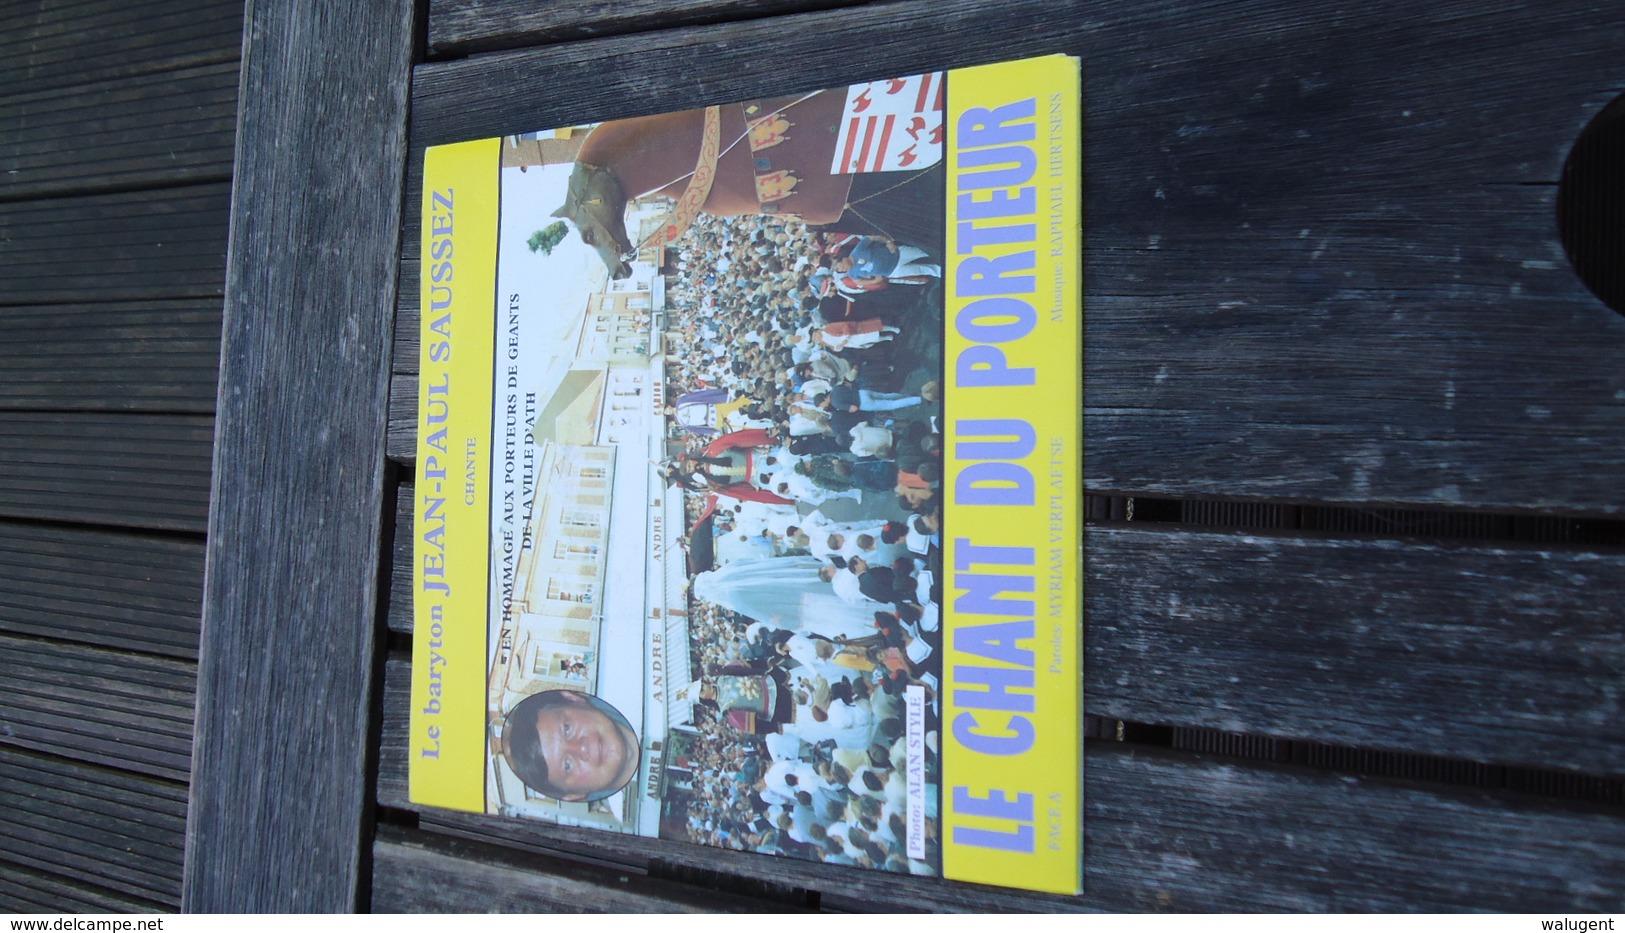 Ath - Le Chant Du Porteur - Jen-Paul Saussez - Vinyl Records